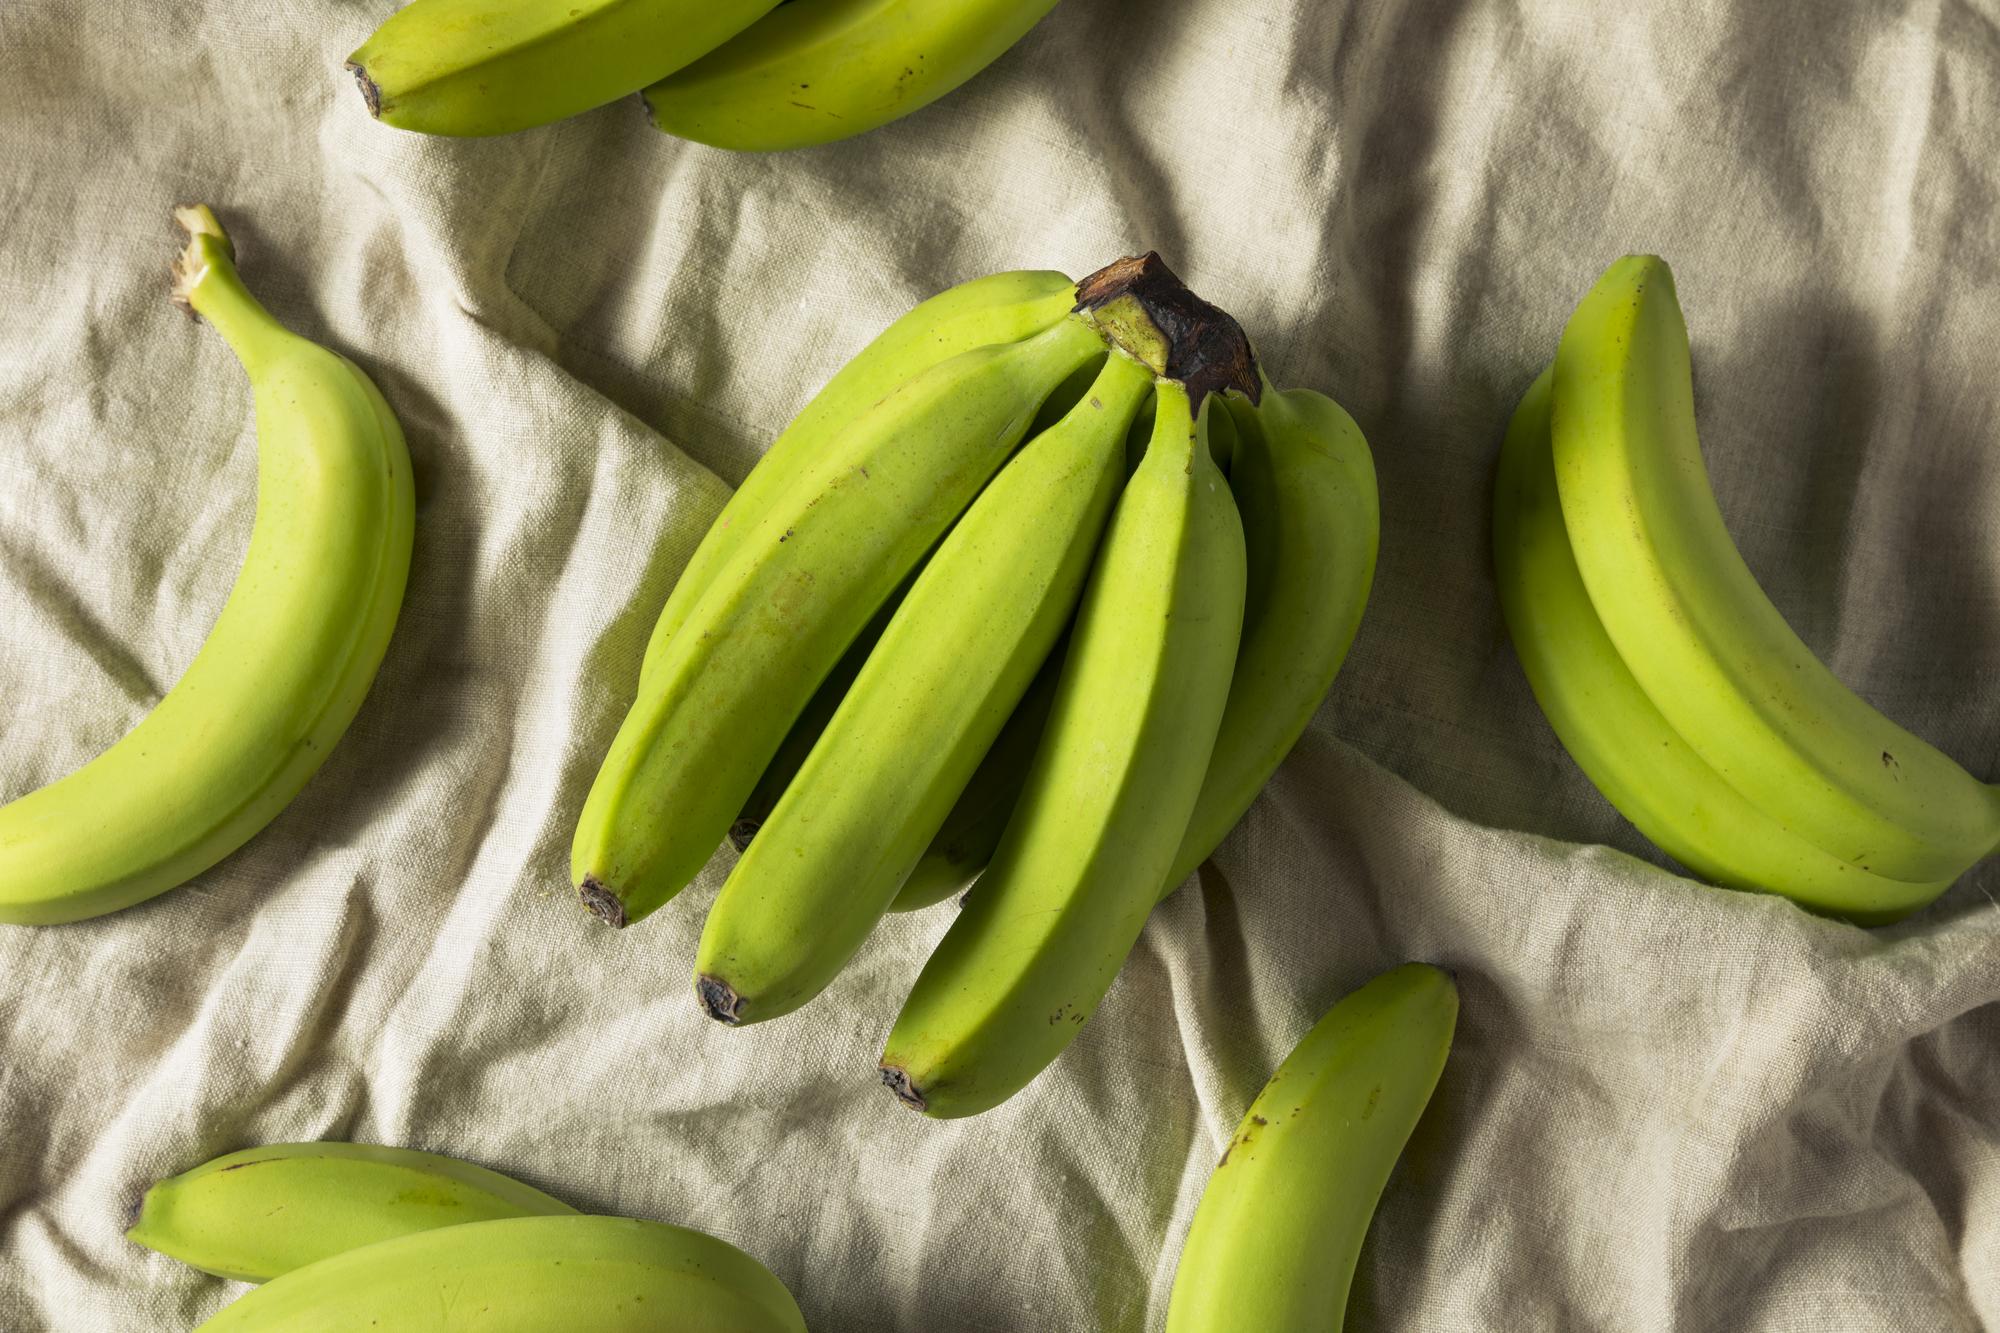 Biomassa de banana verde: como fazer em casa